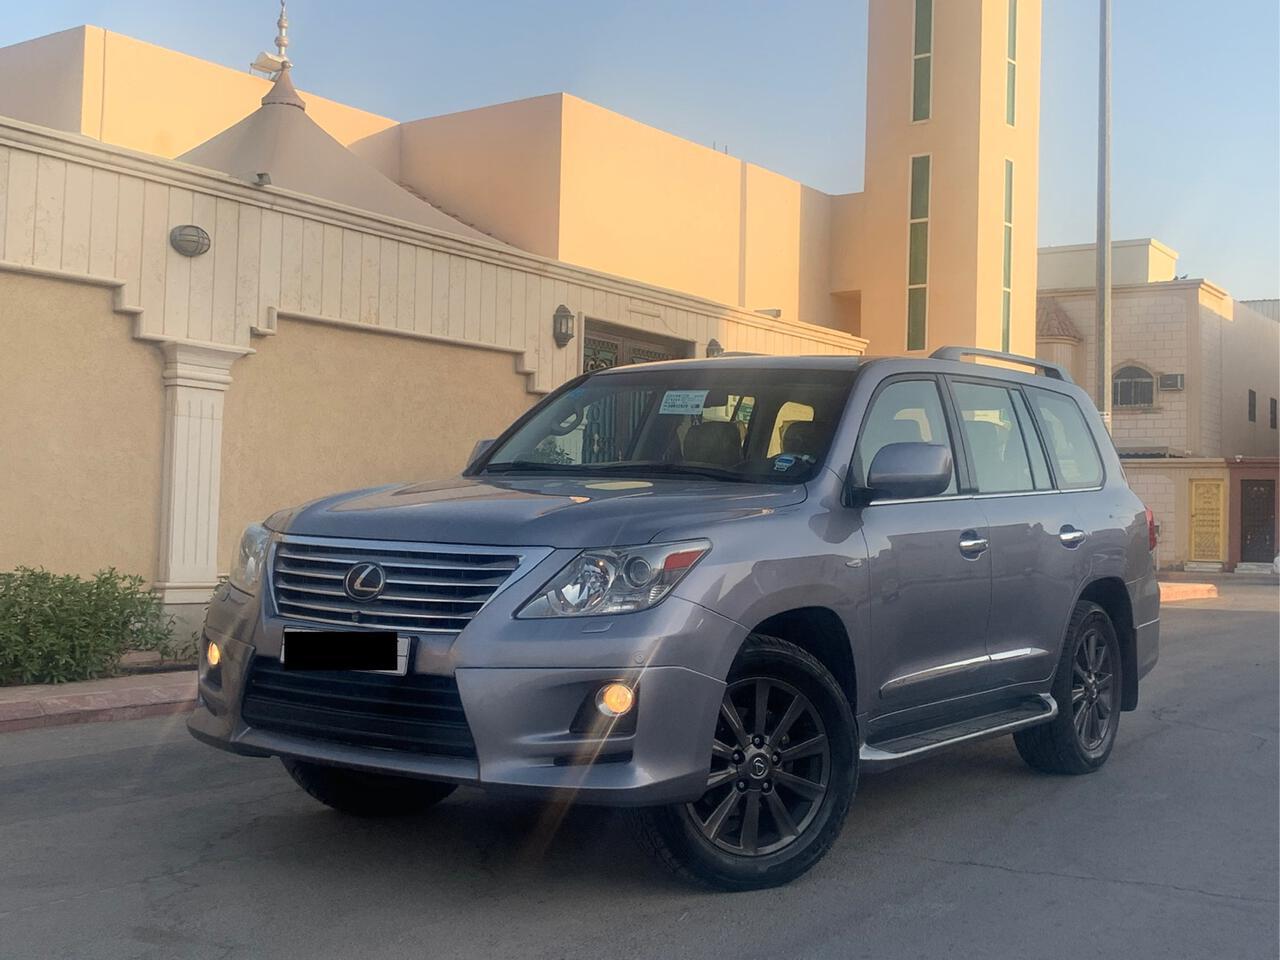 لكزس LX سعودي 2018 فل جديد | موقع سيارة